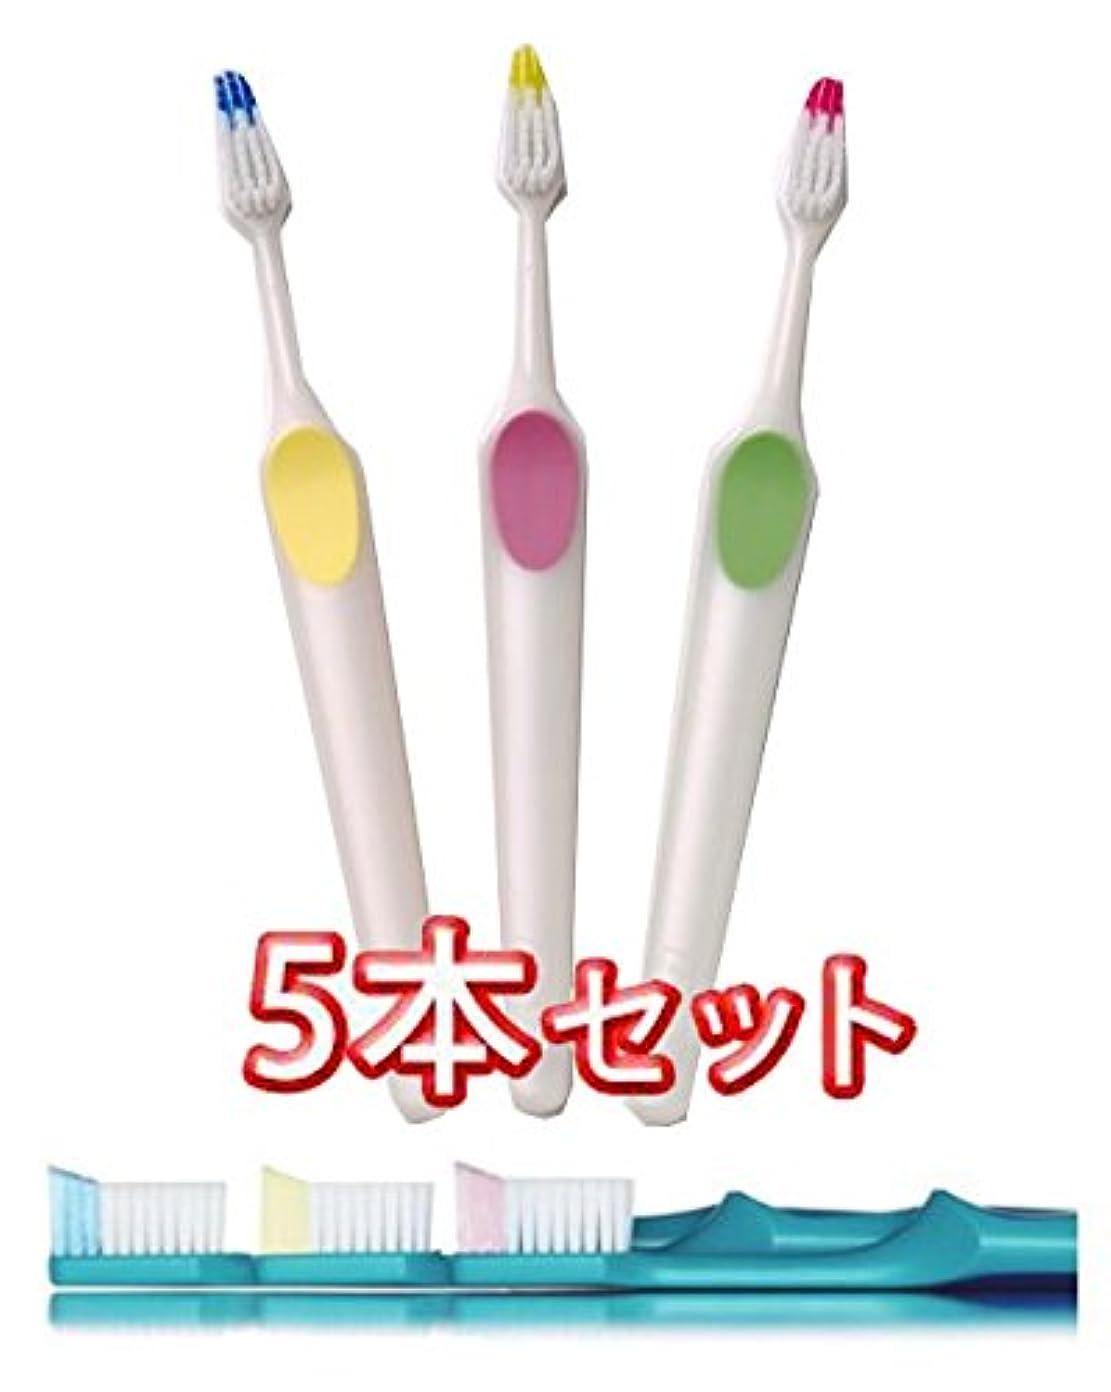 減衰認識薄汚いクロスフィールド TePe テペ ノバ(Nova) 歯ブラシ 5本 (ソフト)